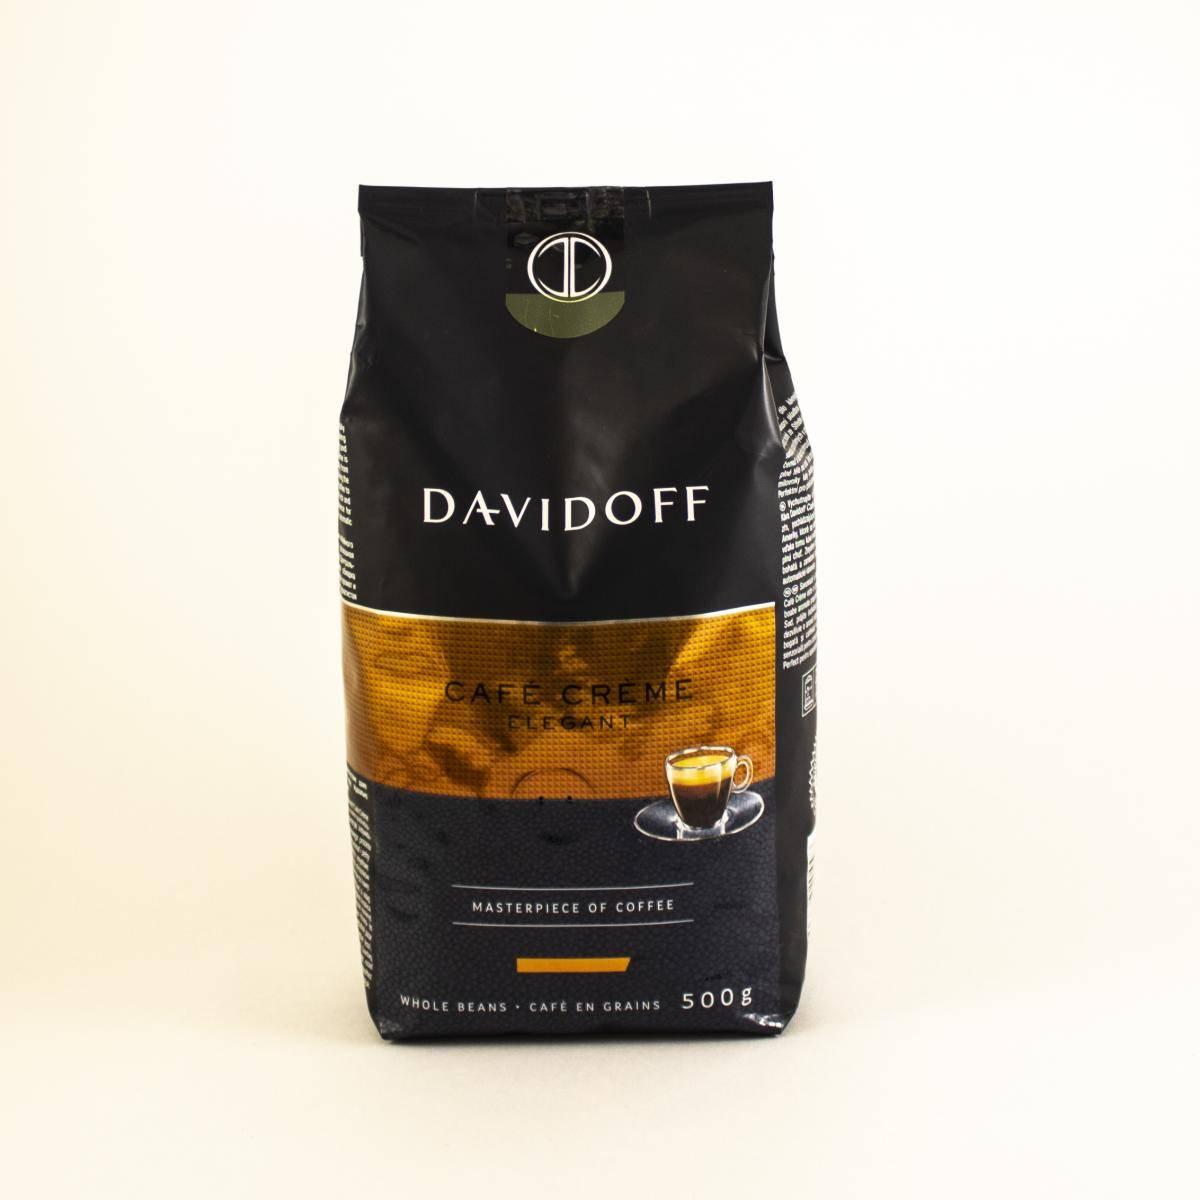 Кофе davidoff или кофе egoiste - что лучше, сравнение, что выбрать 2020